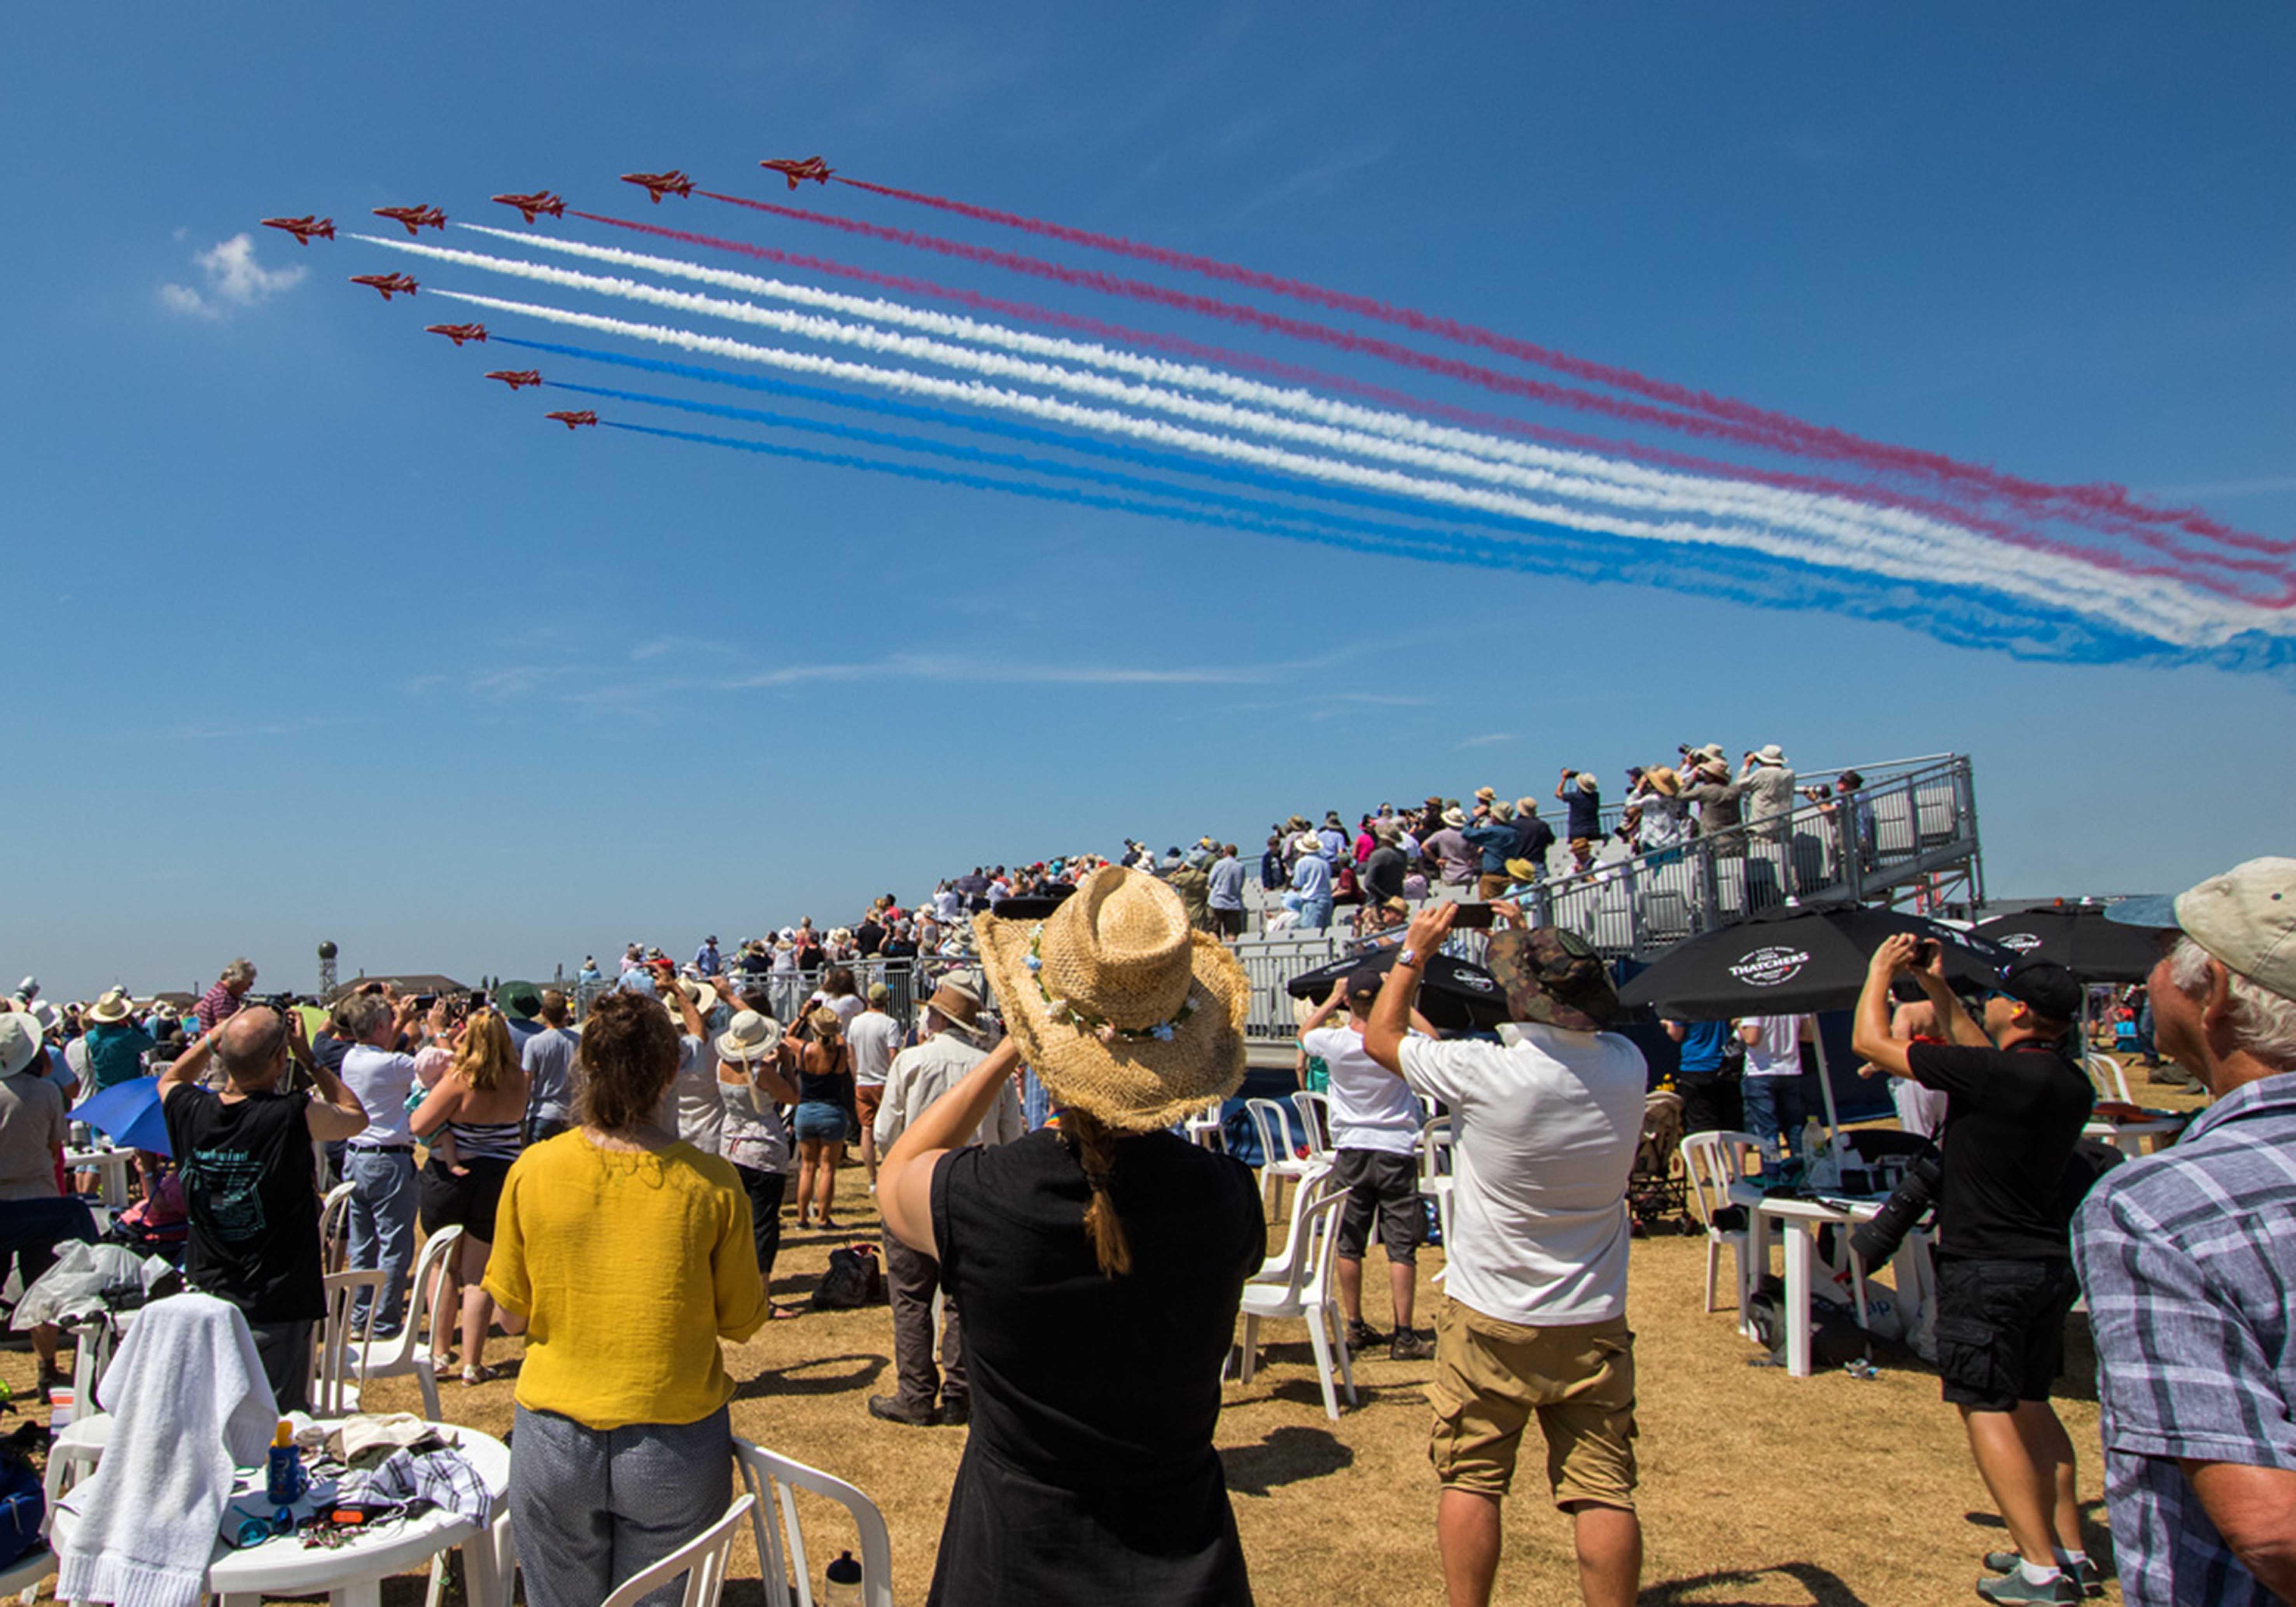 Royal Navy International Air Day